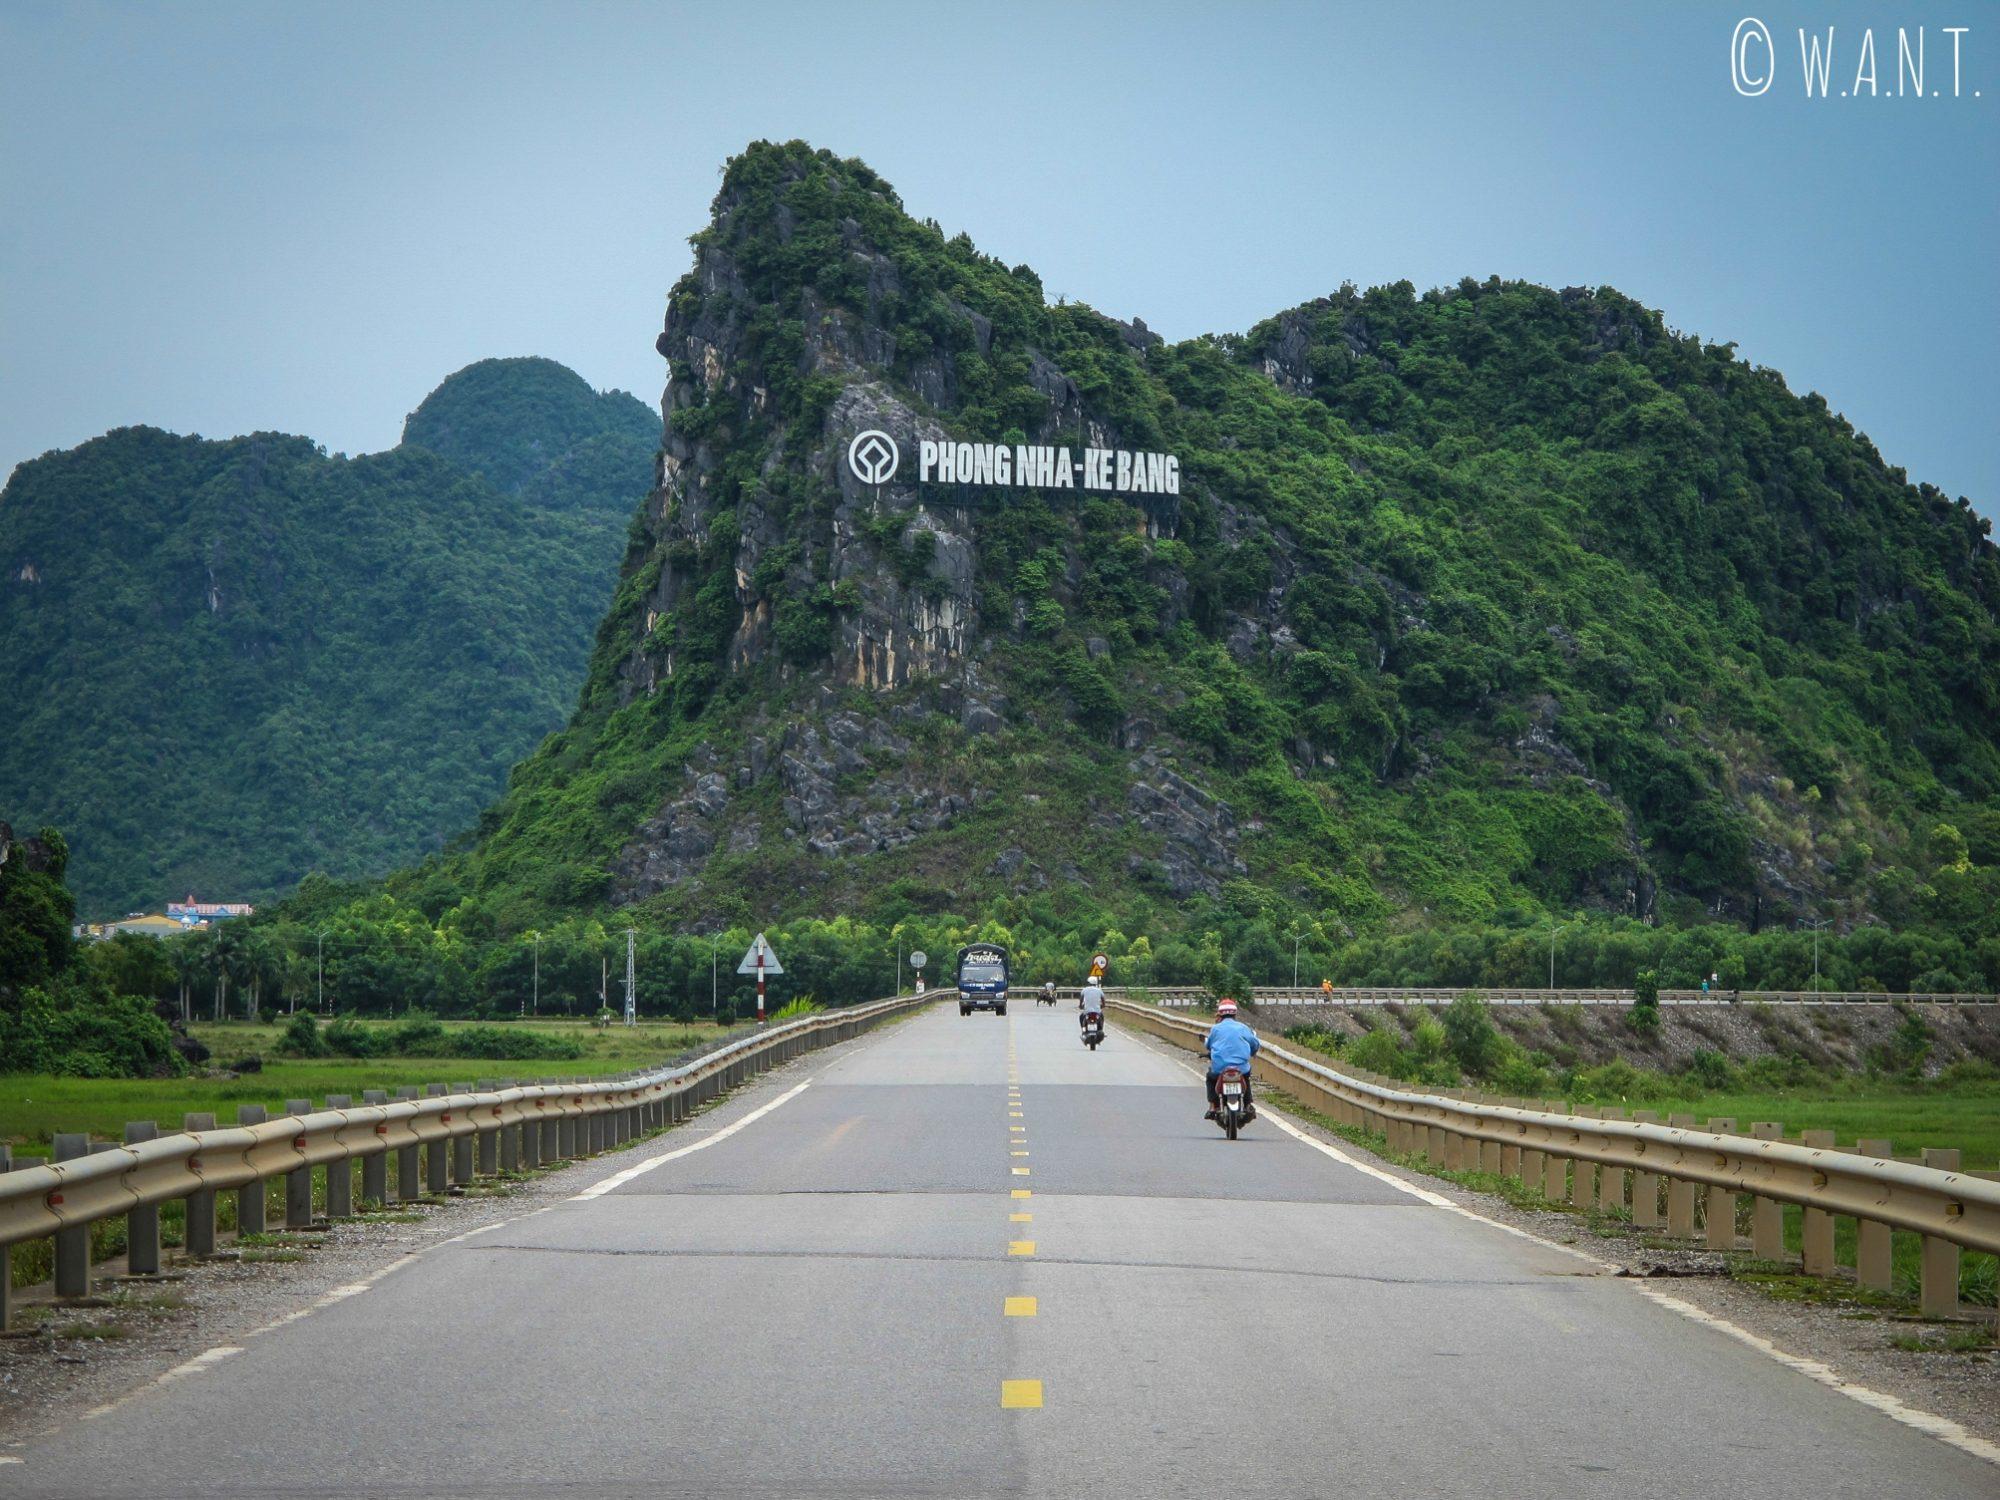 Arrivée depuis Dong Hoi au parc national Phong Nha-Ke Bang